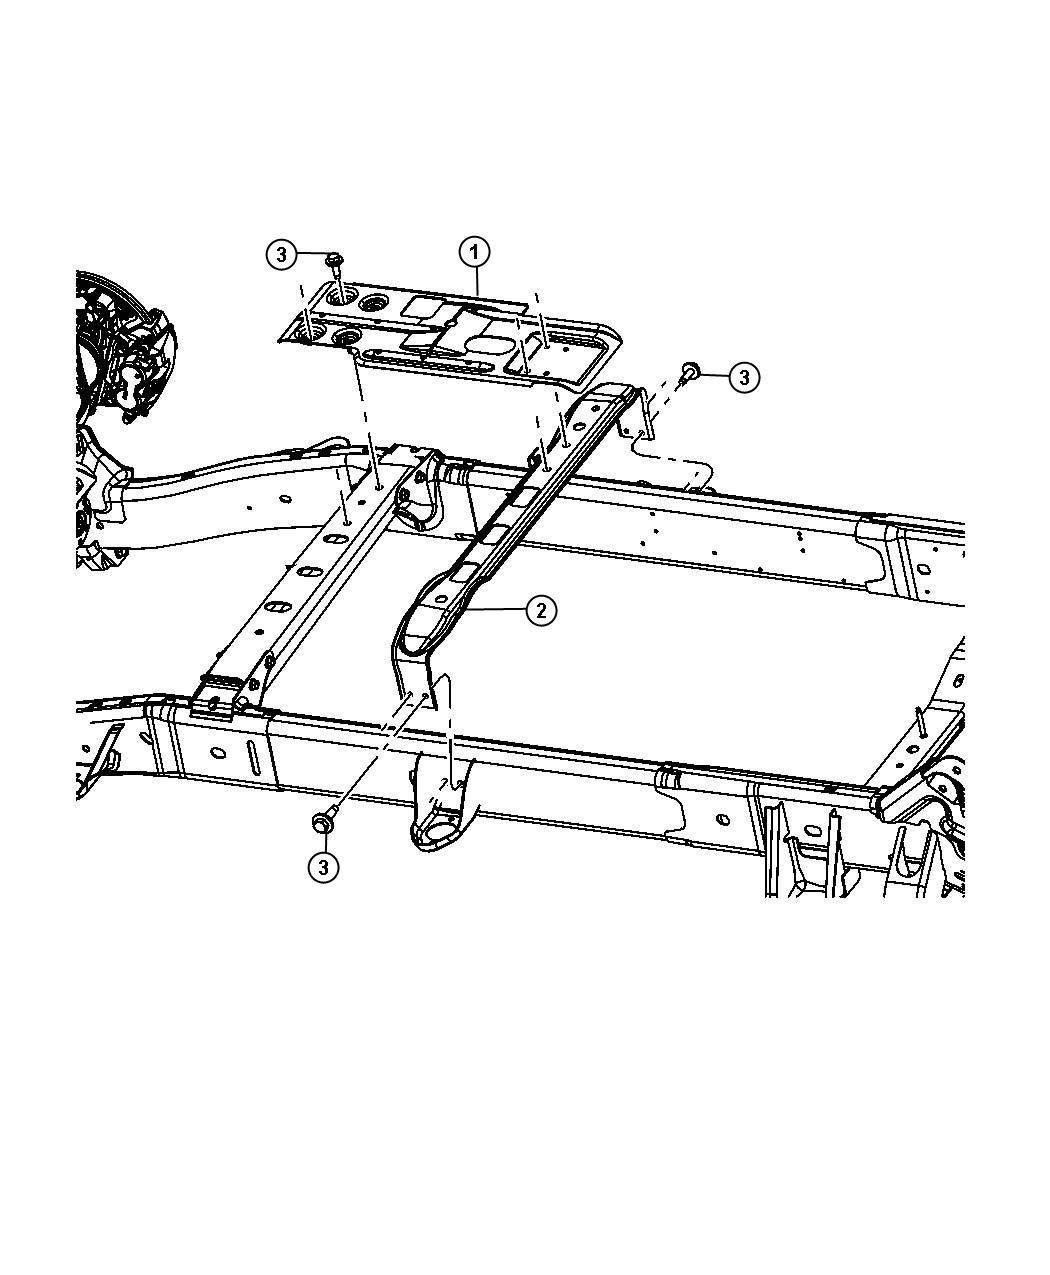 Ram 1500 Crossmember  Skid Plate  Mounting